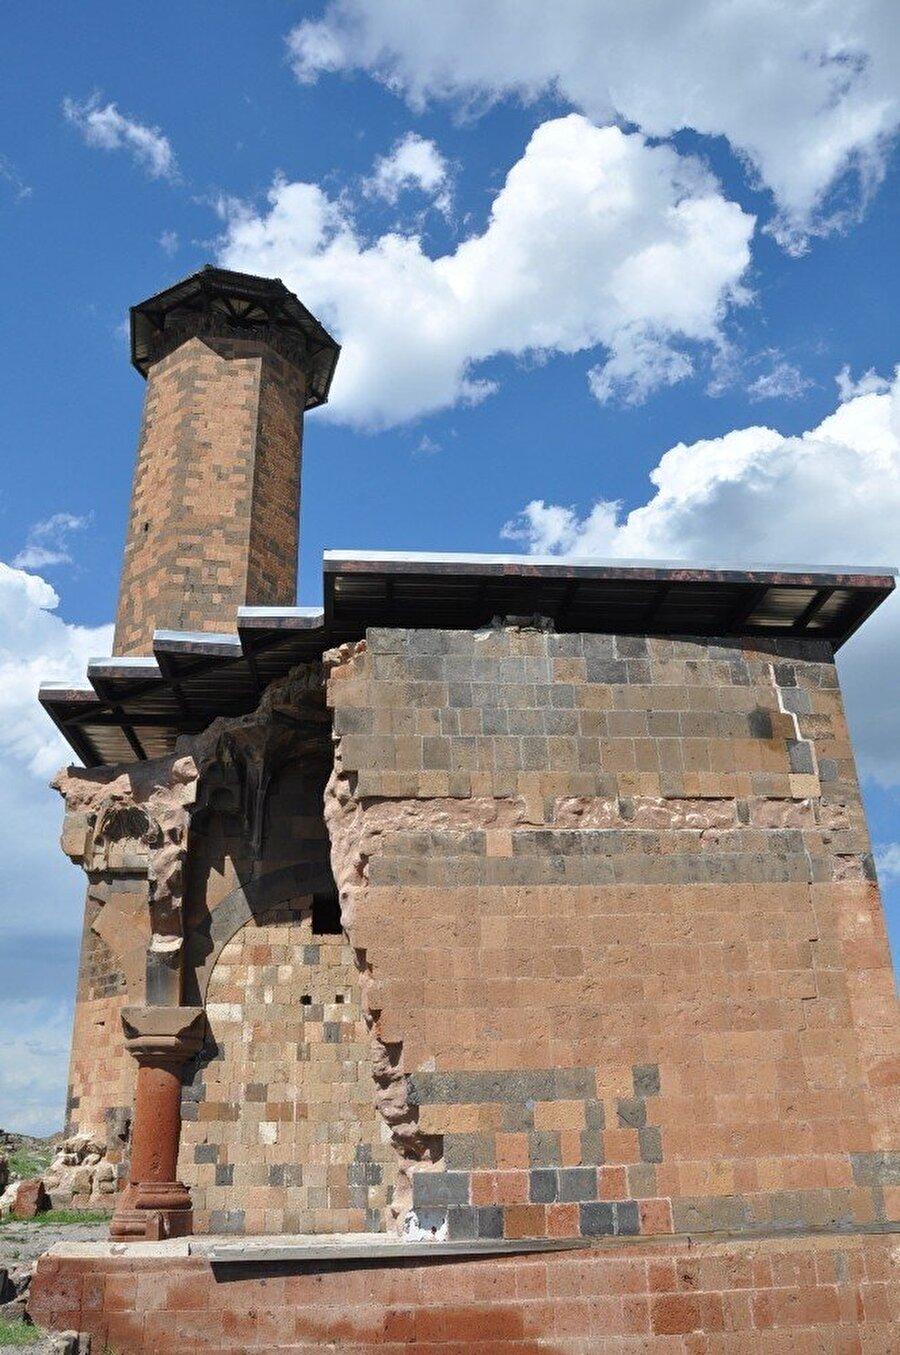 """""""Sivas Divriği'deki Ulu Cami'den, Diyarbakır'daki Ulu Cami'den daha önce olan bir Türk Camisidir""""                                                                                                                                                     Sultan Alparslan'ın Anı'yı fethinden sonra 1064 tarihinde geldiğinde ilk cuma namazının kılındığı yer olarak belirtildiği caminin burası olmadığını kaydeden Kop, """"Burada Meryem Ana Katedral olarak bilinen büyük bir kilise var. Sonradan Fethiye Camisi olarak değiştirilmiştir. Herkesin de takdiridir. Birden fazla farklı dine mensup ibadethaneden en büyüğü camiye çevrilir. Fethedildiği için de buna Fethiye denir. Kars'ta iki tane vardır. Biri şehir merkezinde, biriside burada. Meryem Ana Katedrali olarak bilinen Fethiye Camii hemen bu Ebul Menuçehr Camisi'nin tam arkasına düşmektedir. Orada namaz kılınmıştır. İlk namaz kılınan yer burası değildir. Buranın özelliği tekrarlıyorum. Anadolu'daki ilk Türk camisidir. Gerek Sivas Divriği'deki Ulu Cami'den, gerek Diyarbakır'daki Ulu Cami'den daha önce olan bir Türk Camisidir. Yıl 1072 bunu belirtmekte fayda var"""" dedi."""